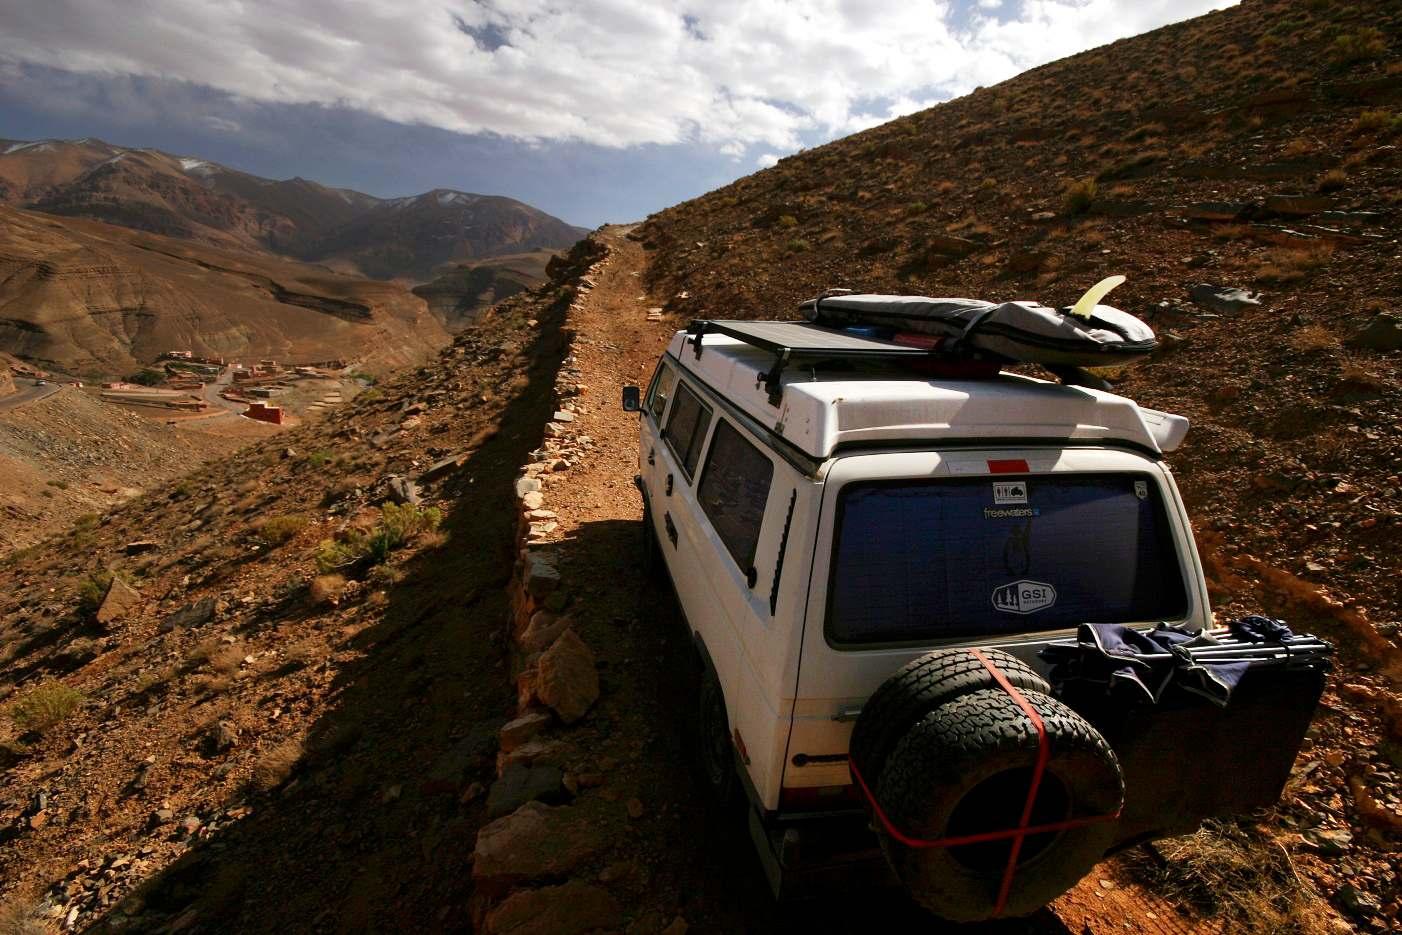 Climbing into the Atlas Mountains in Morocco